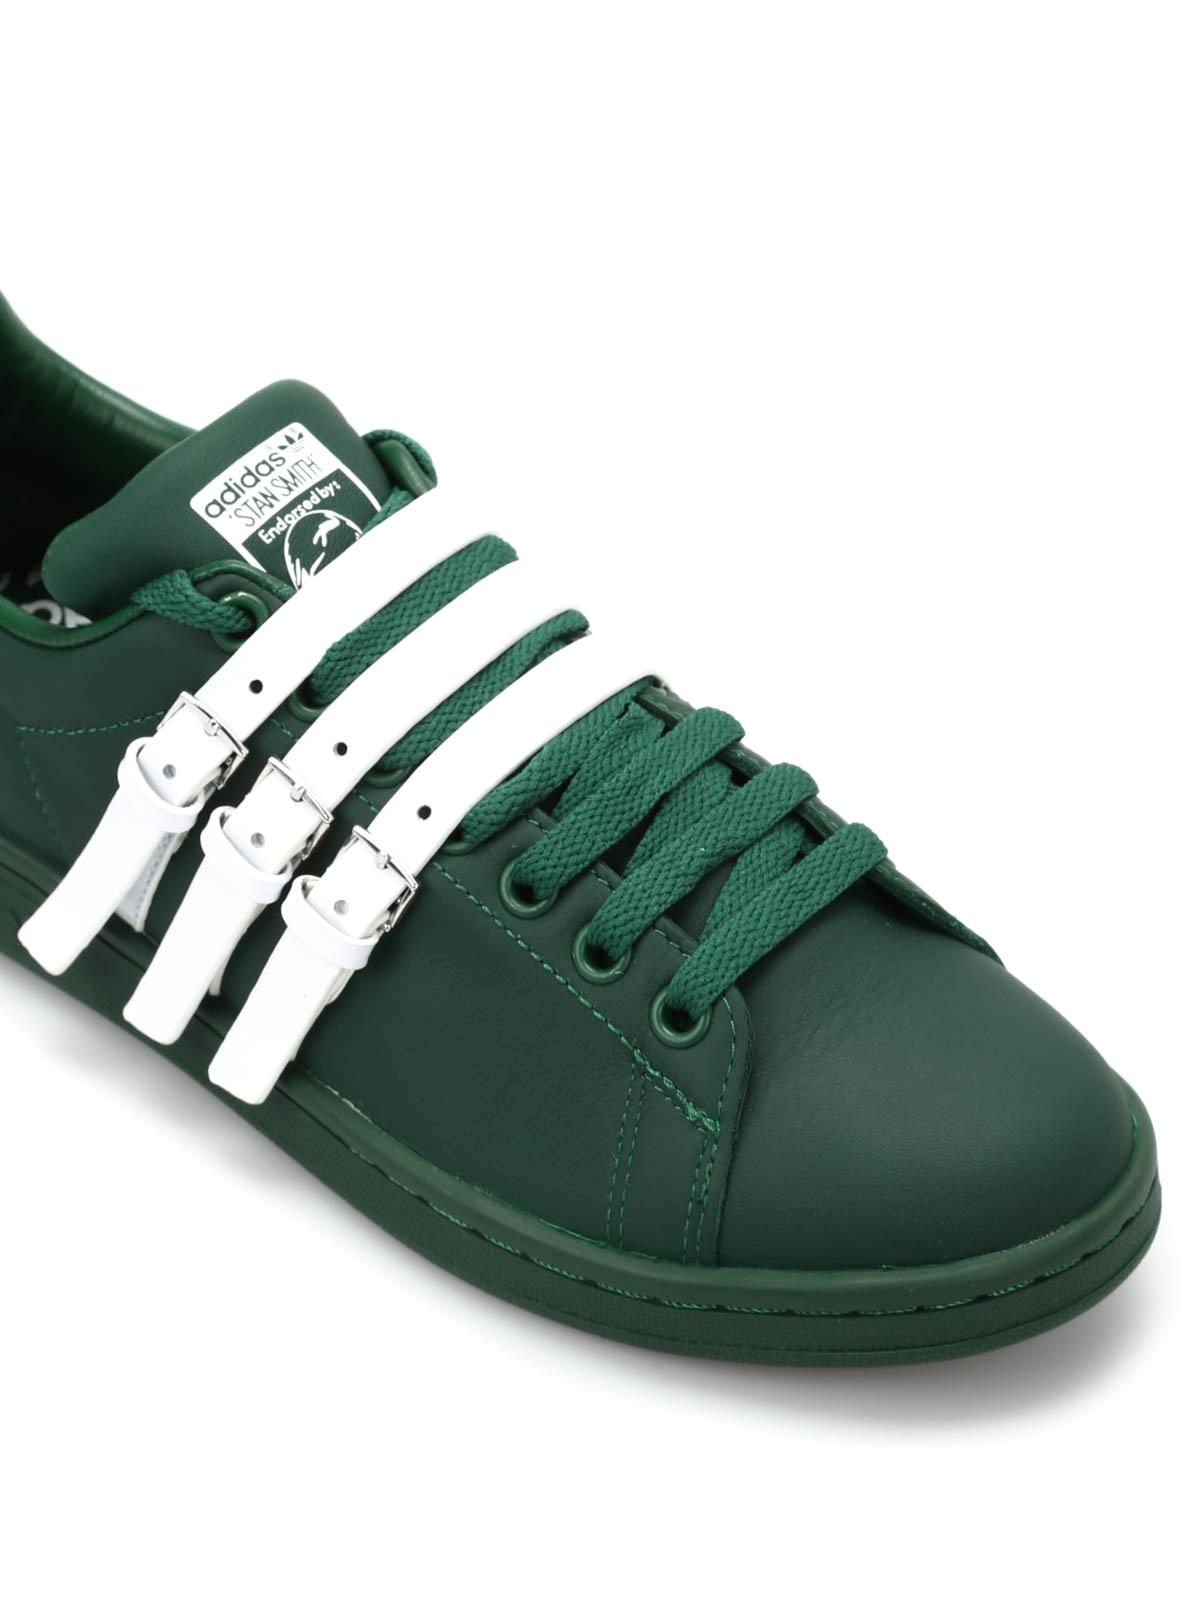 Adidas - Raf Simons Stan Smith Strap